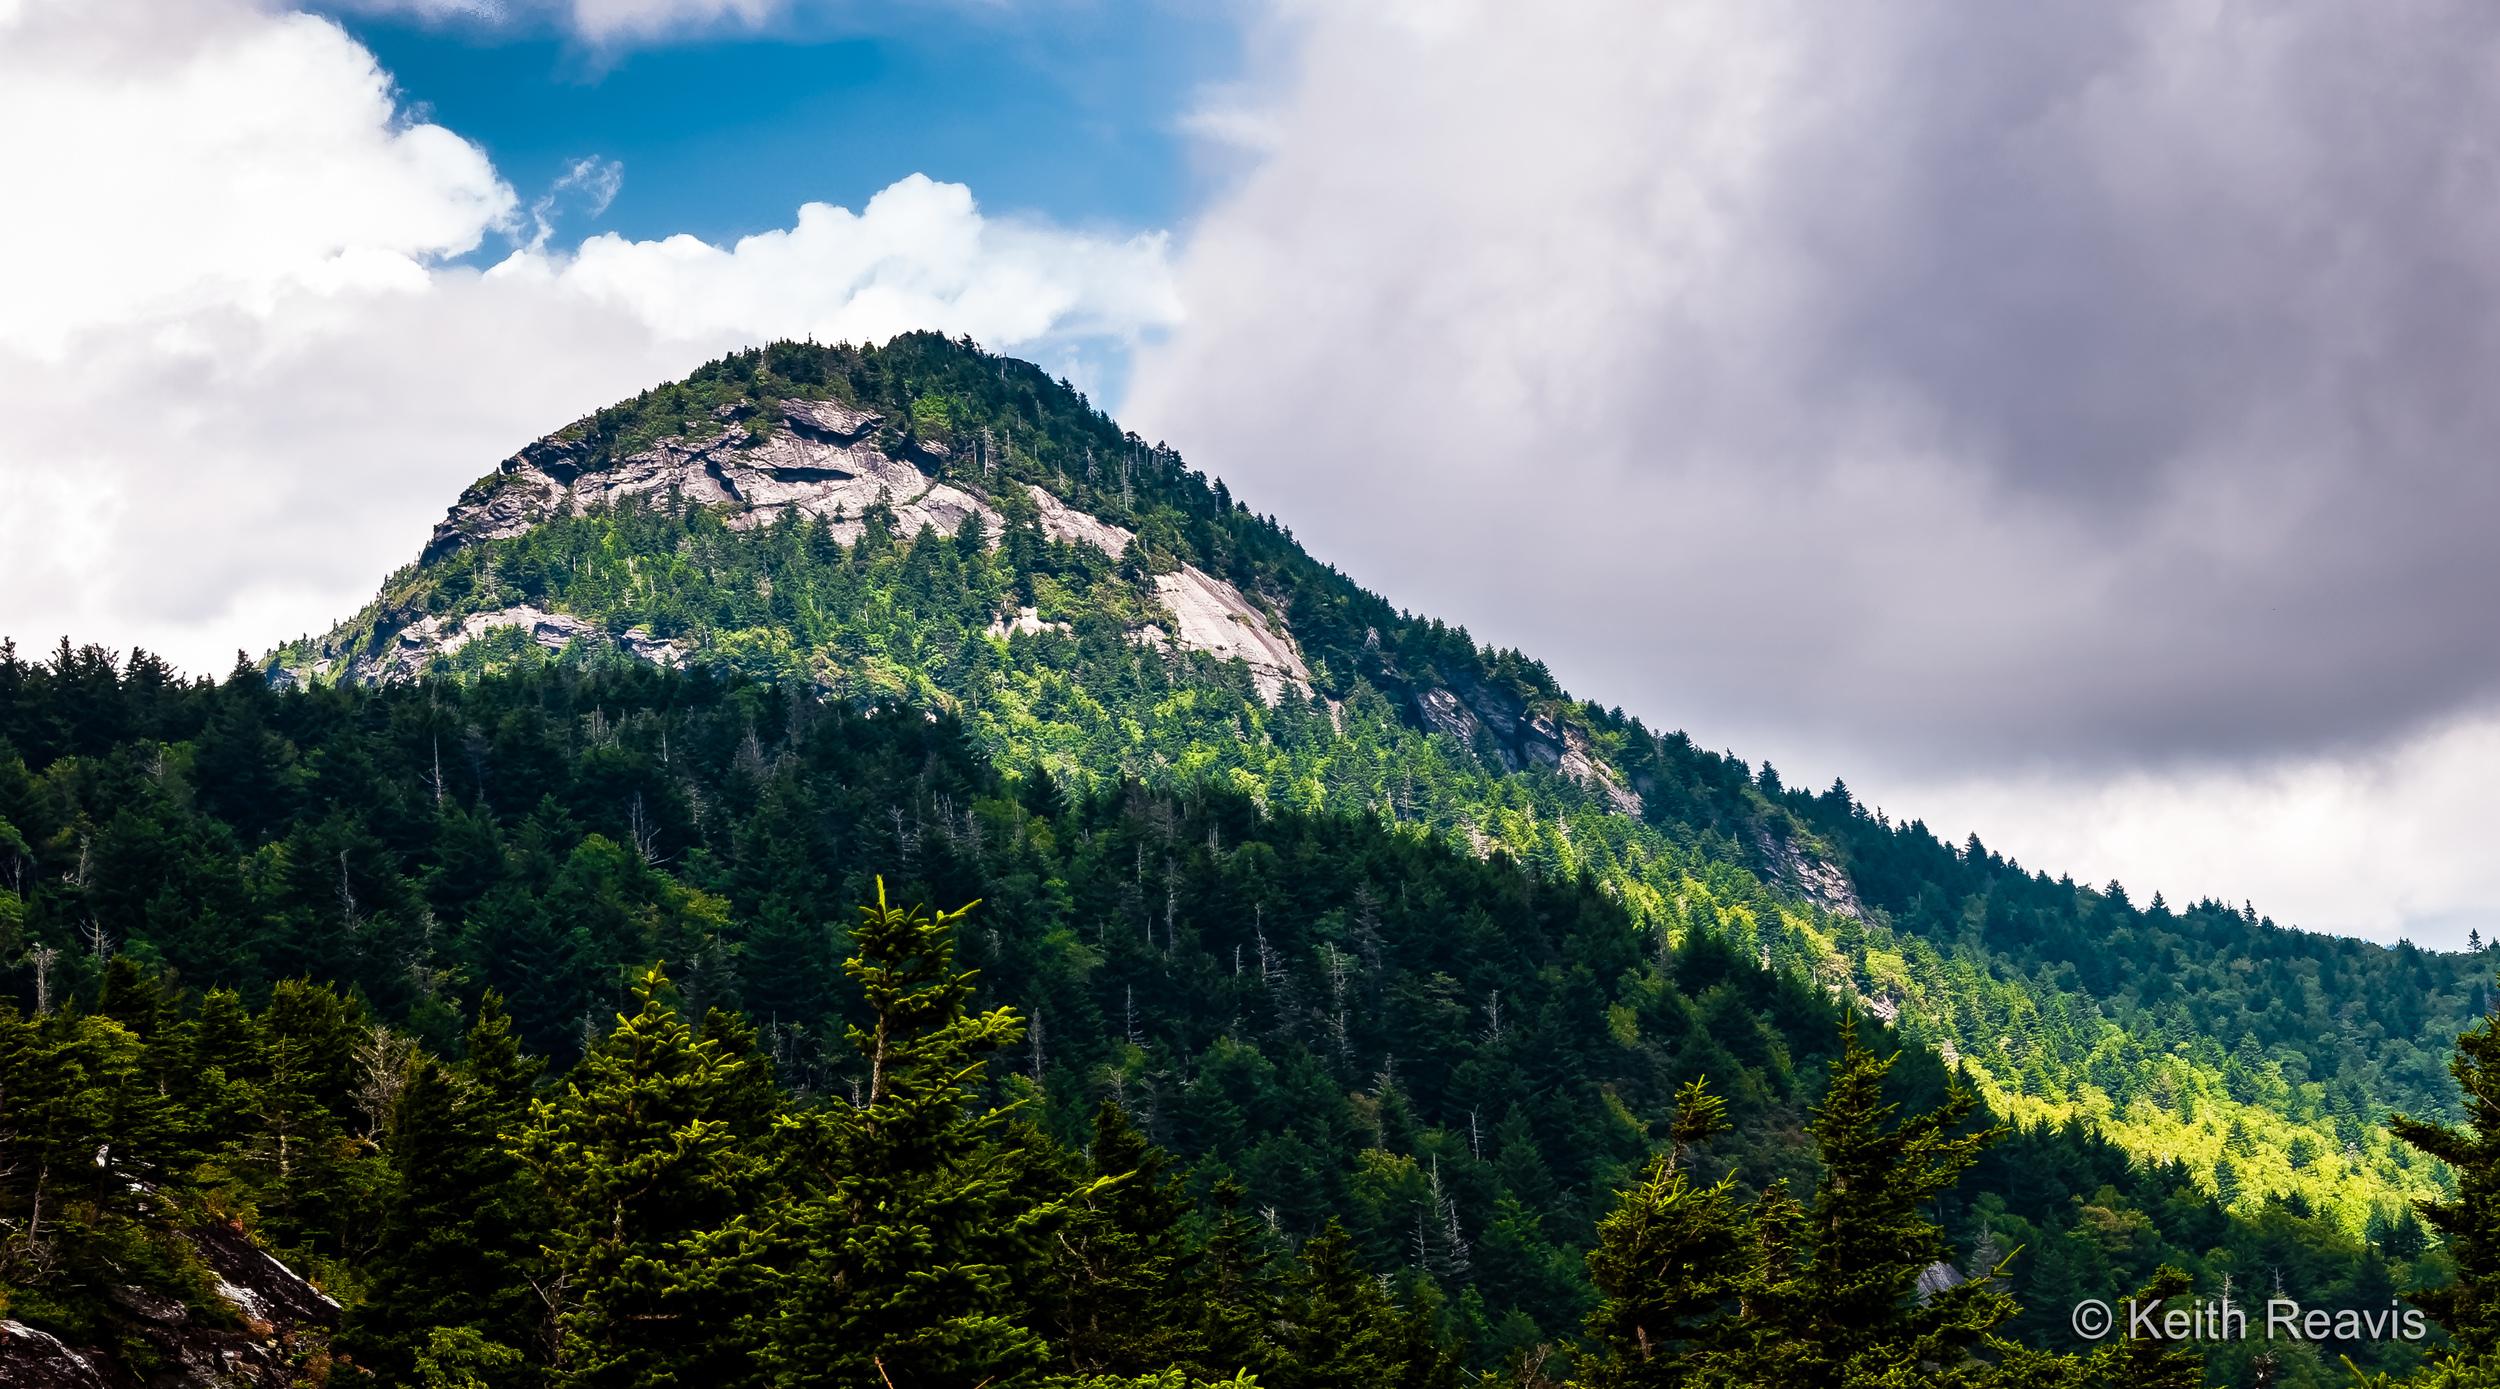 Clearing Storm - MacRae Peak